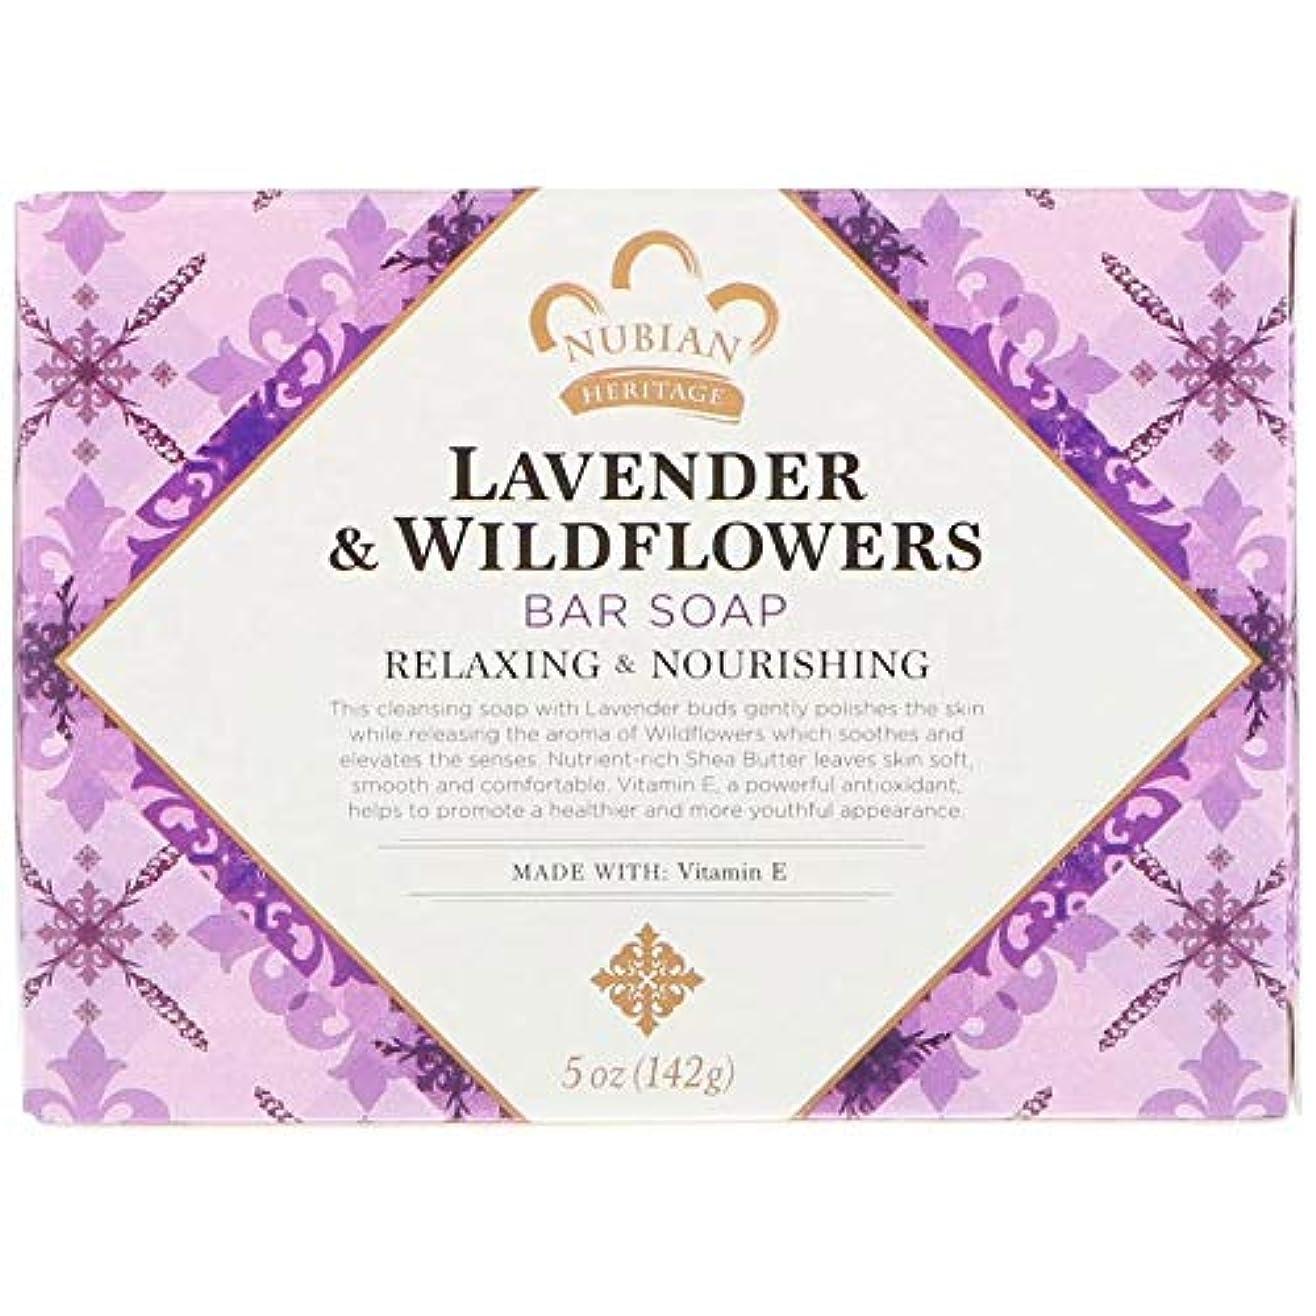 振動する説明する特権的シアバターソープ石鹸 ラベンダー&ワイルドフラワー Lavender & Wildflowers Bar Soap, 5 oz (142 g) [並行輸入品]